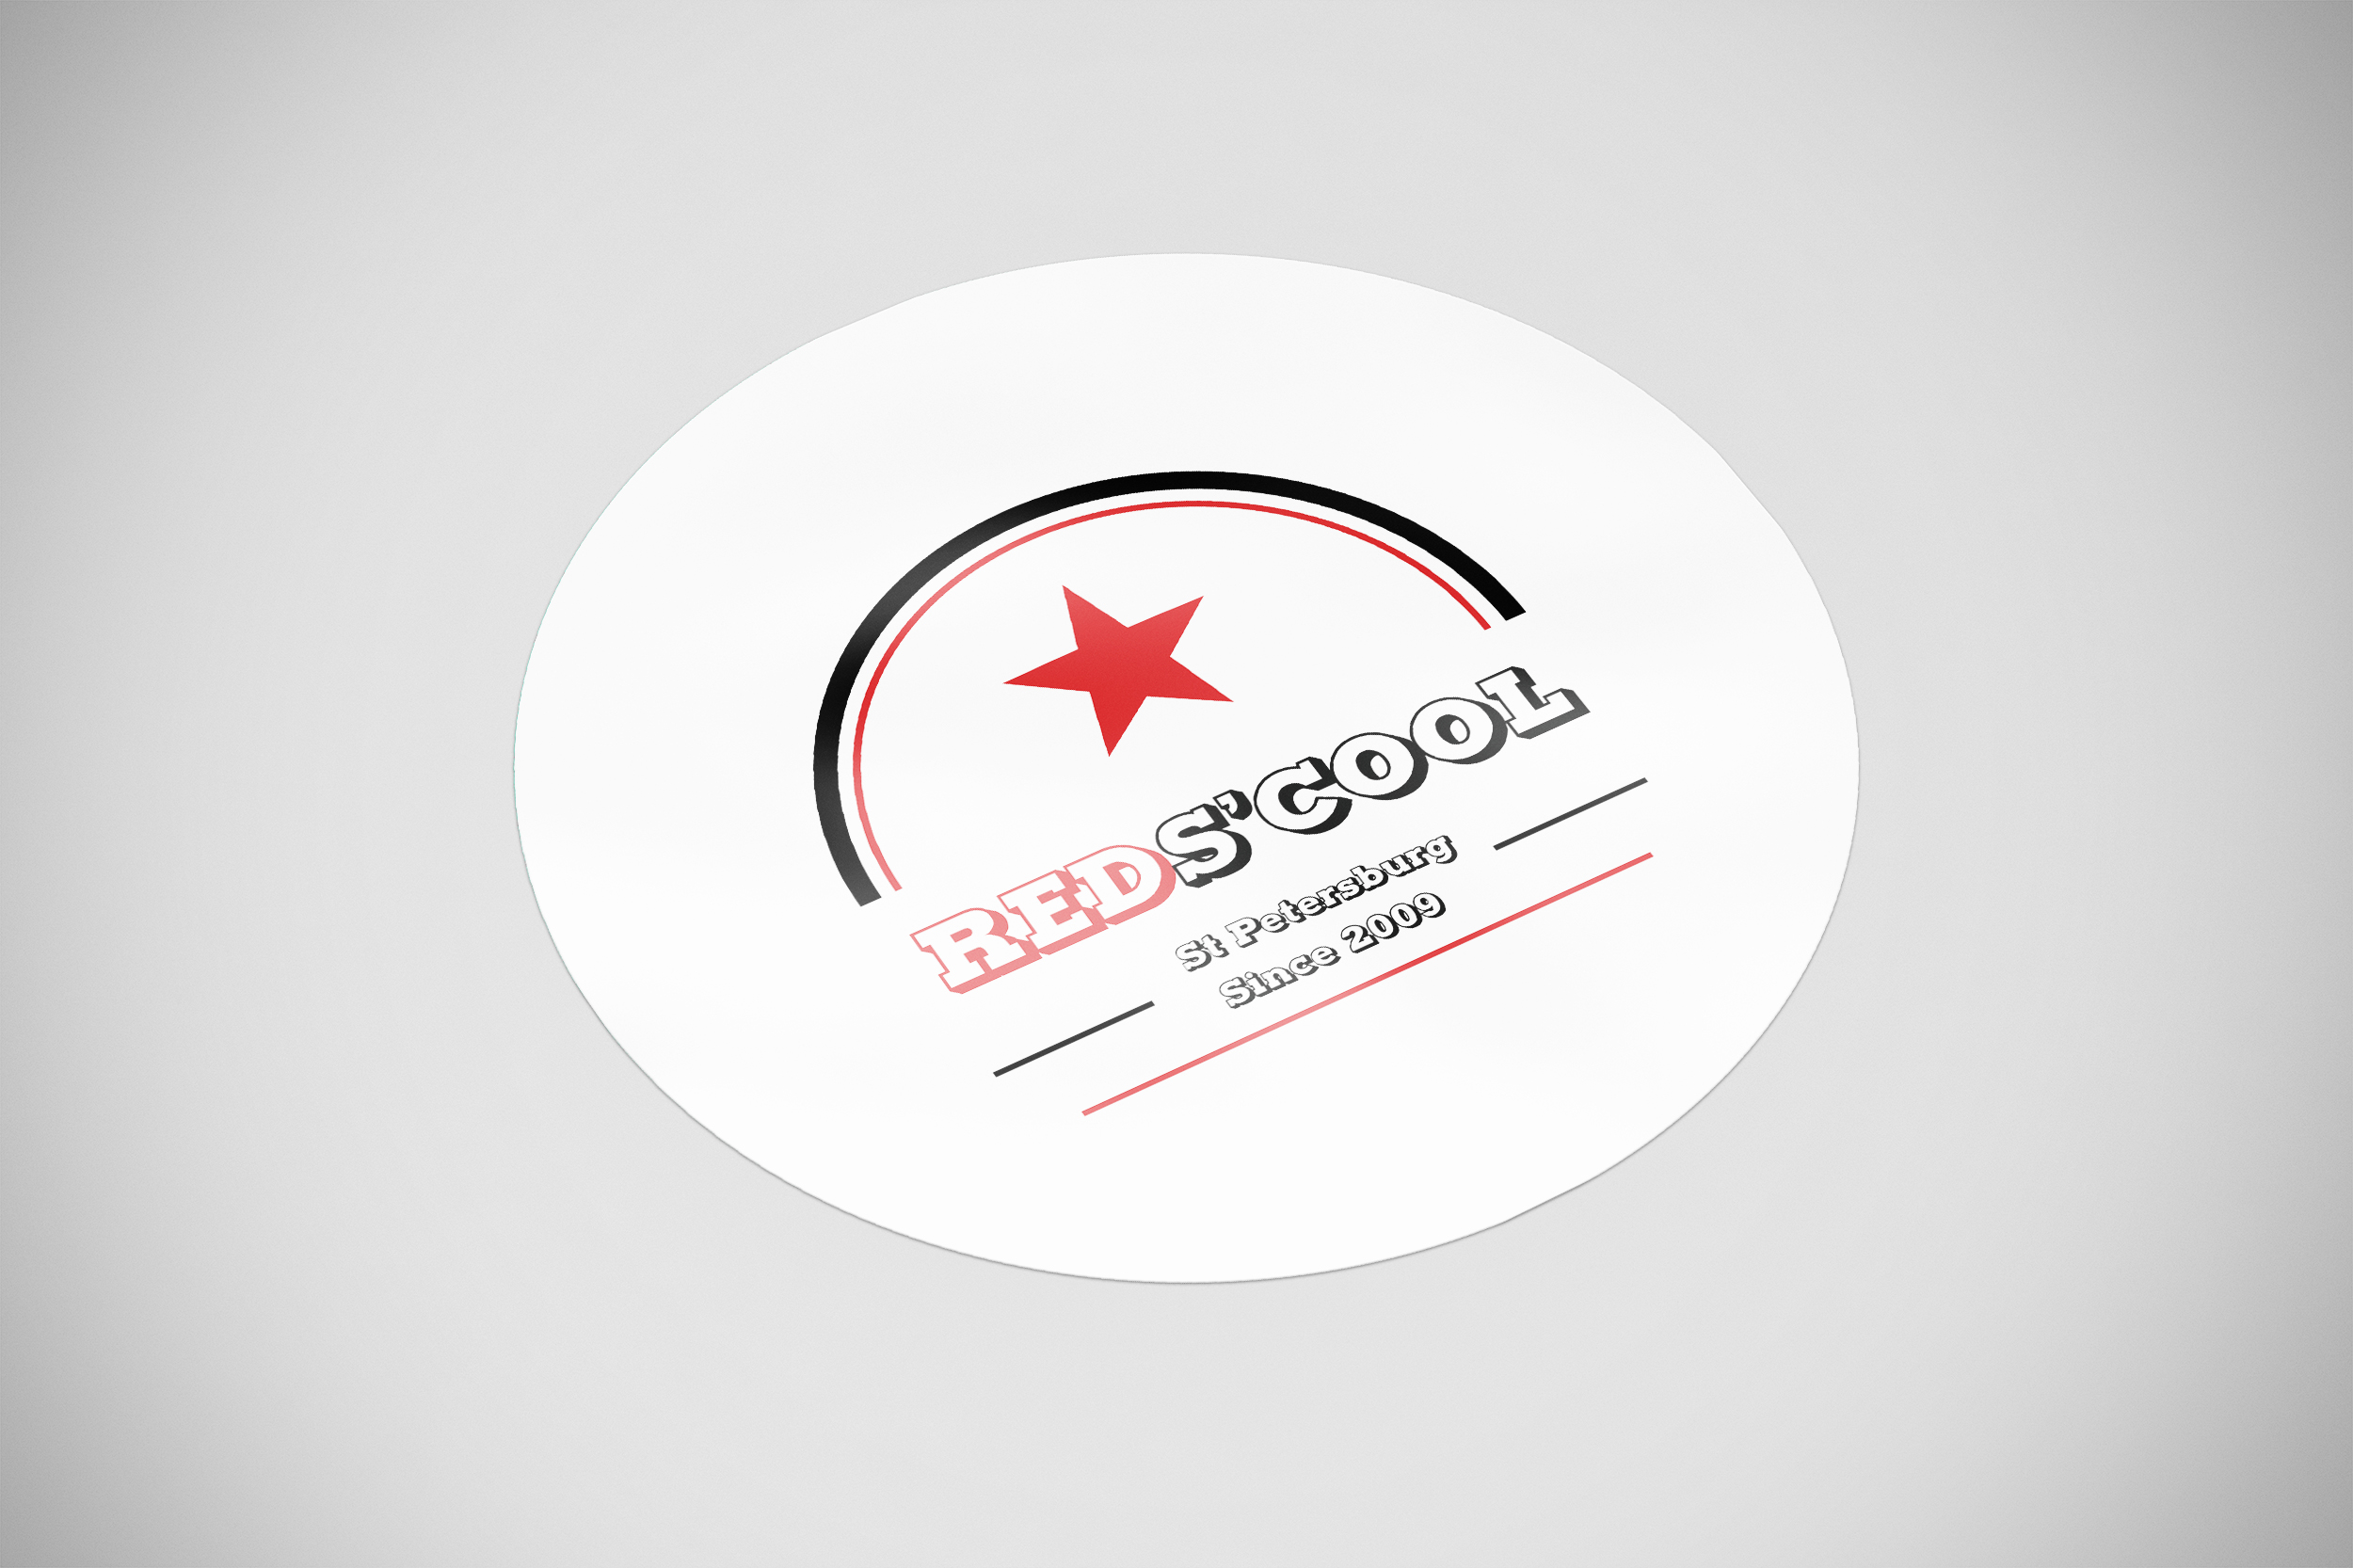 Логотип для музыкальной группы фото f_9845a4e1a25348ab.jpg